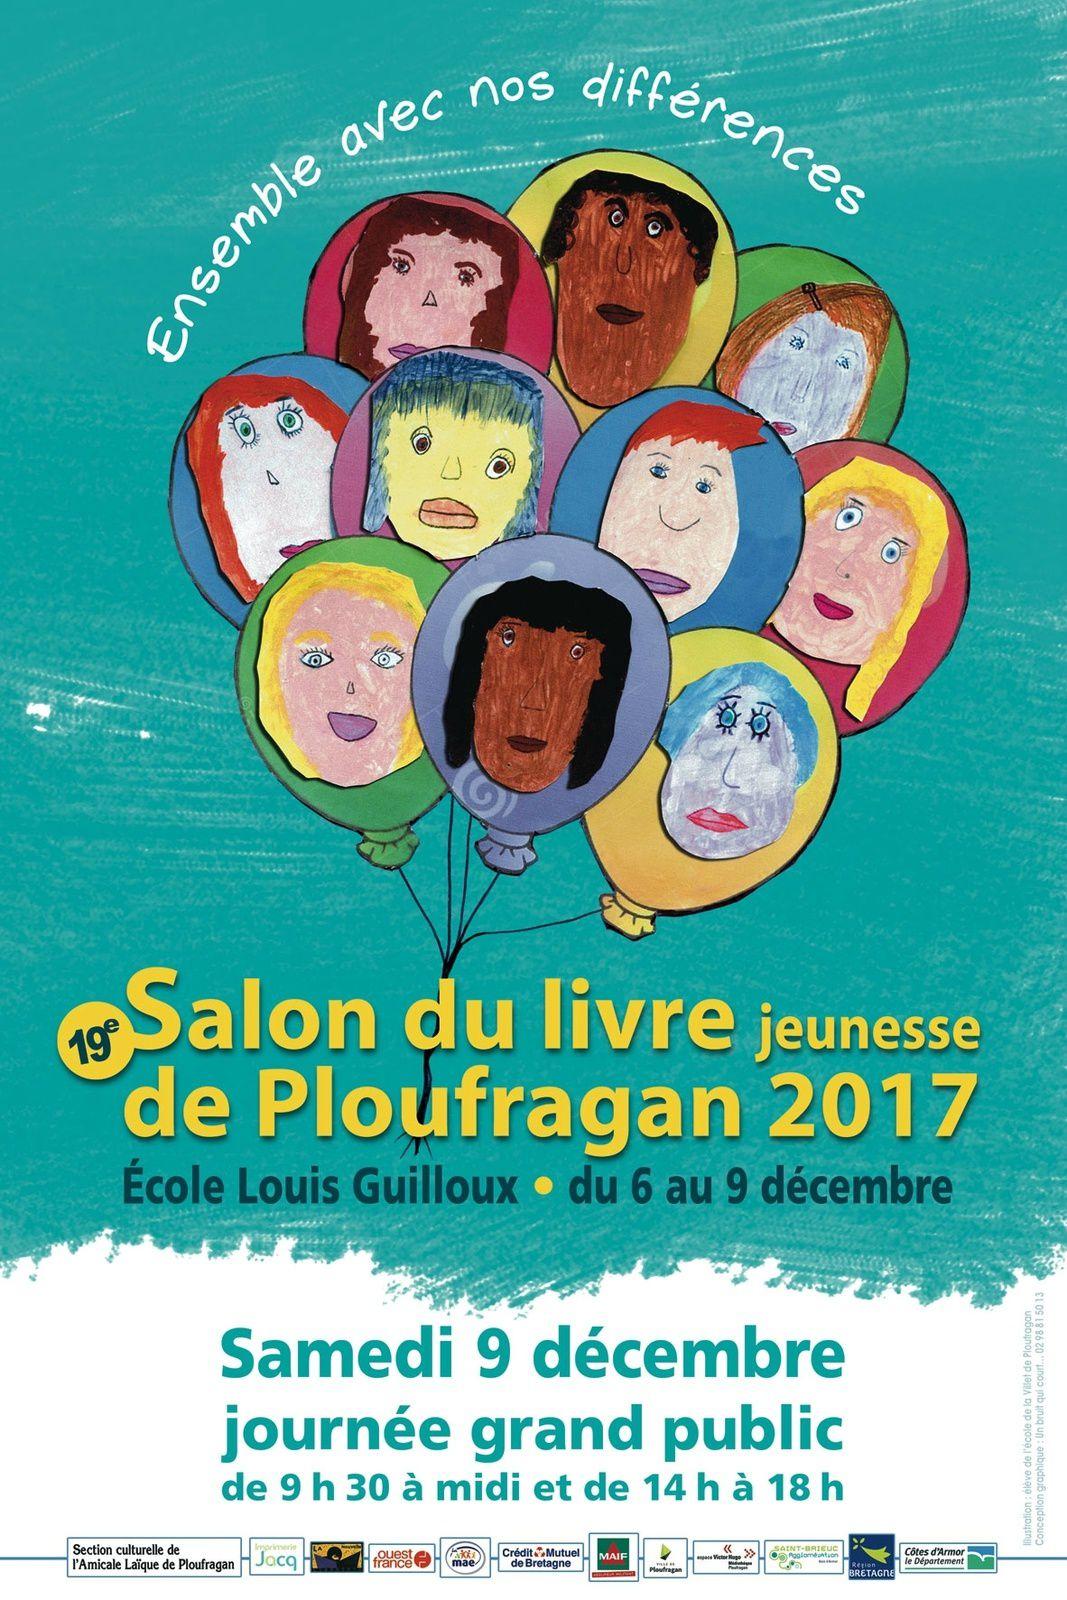 Coll ge la grande m tairie ploufragan for Salon du livre montreuil 2017